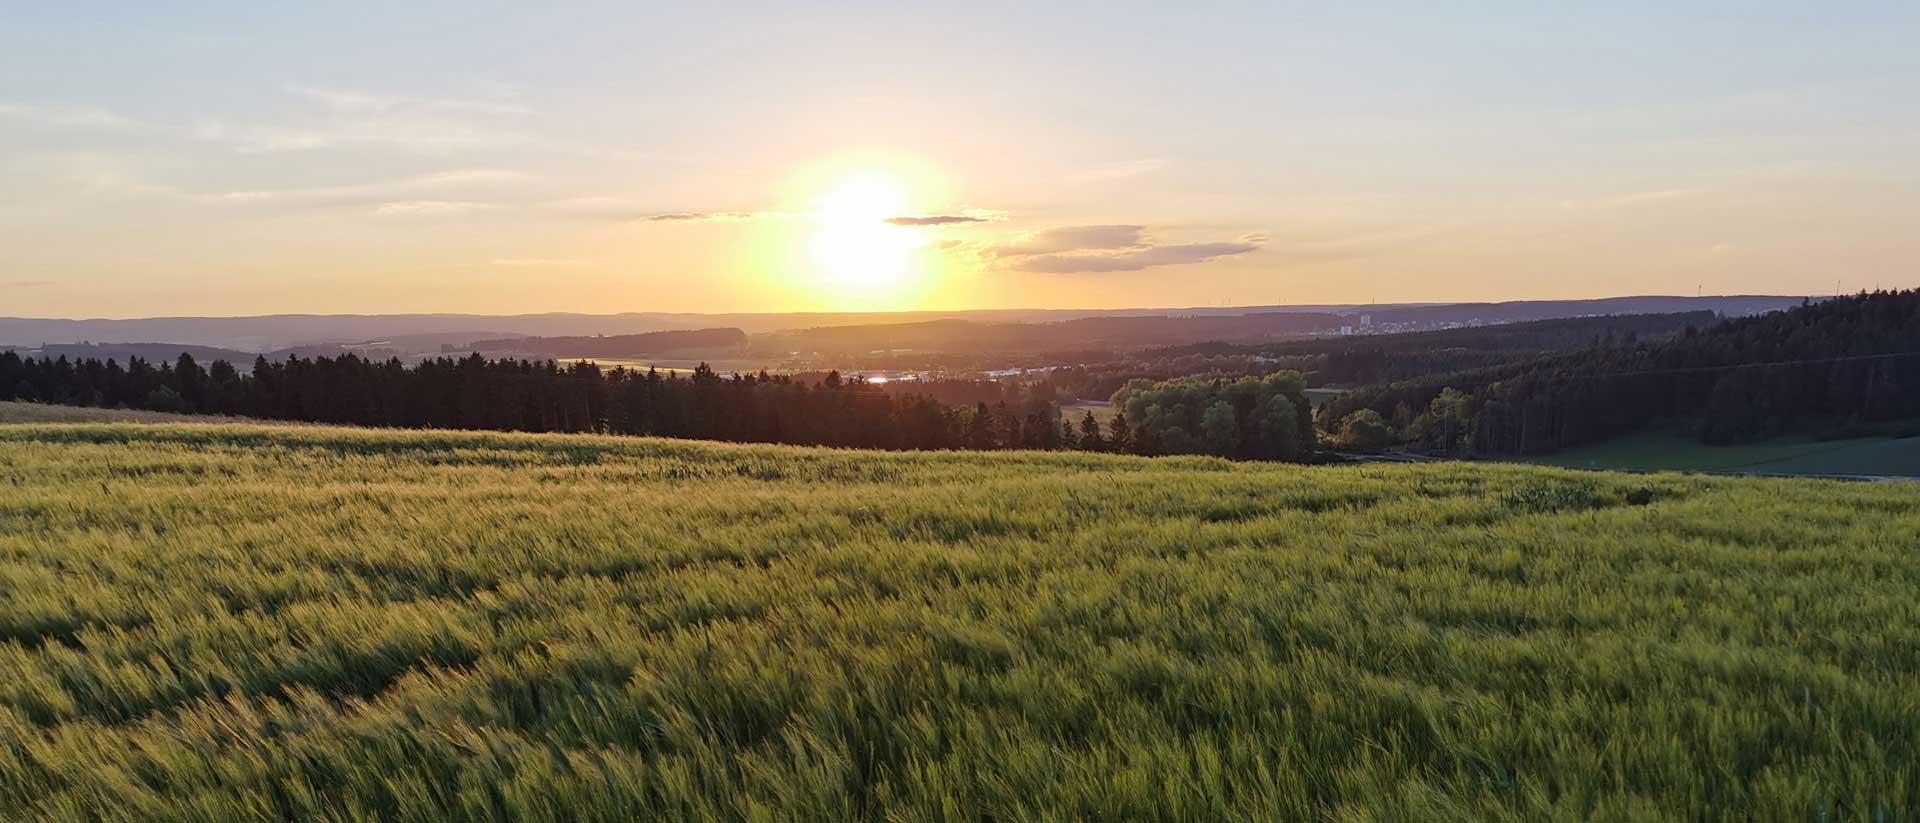 Wiesen und Felder rund um den KapfHof, Bad Dürrheim